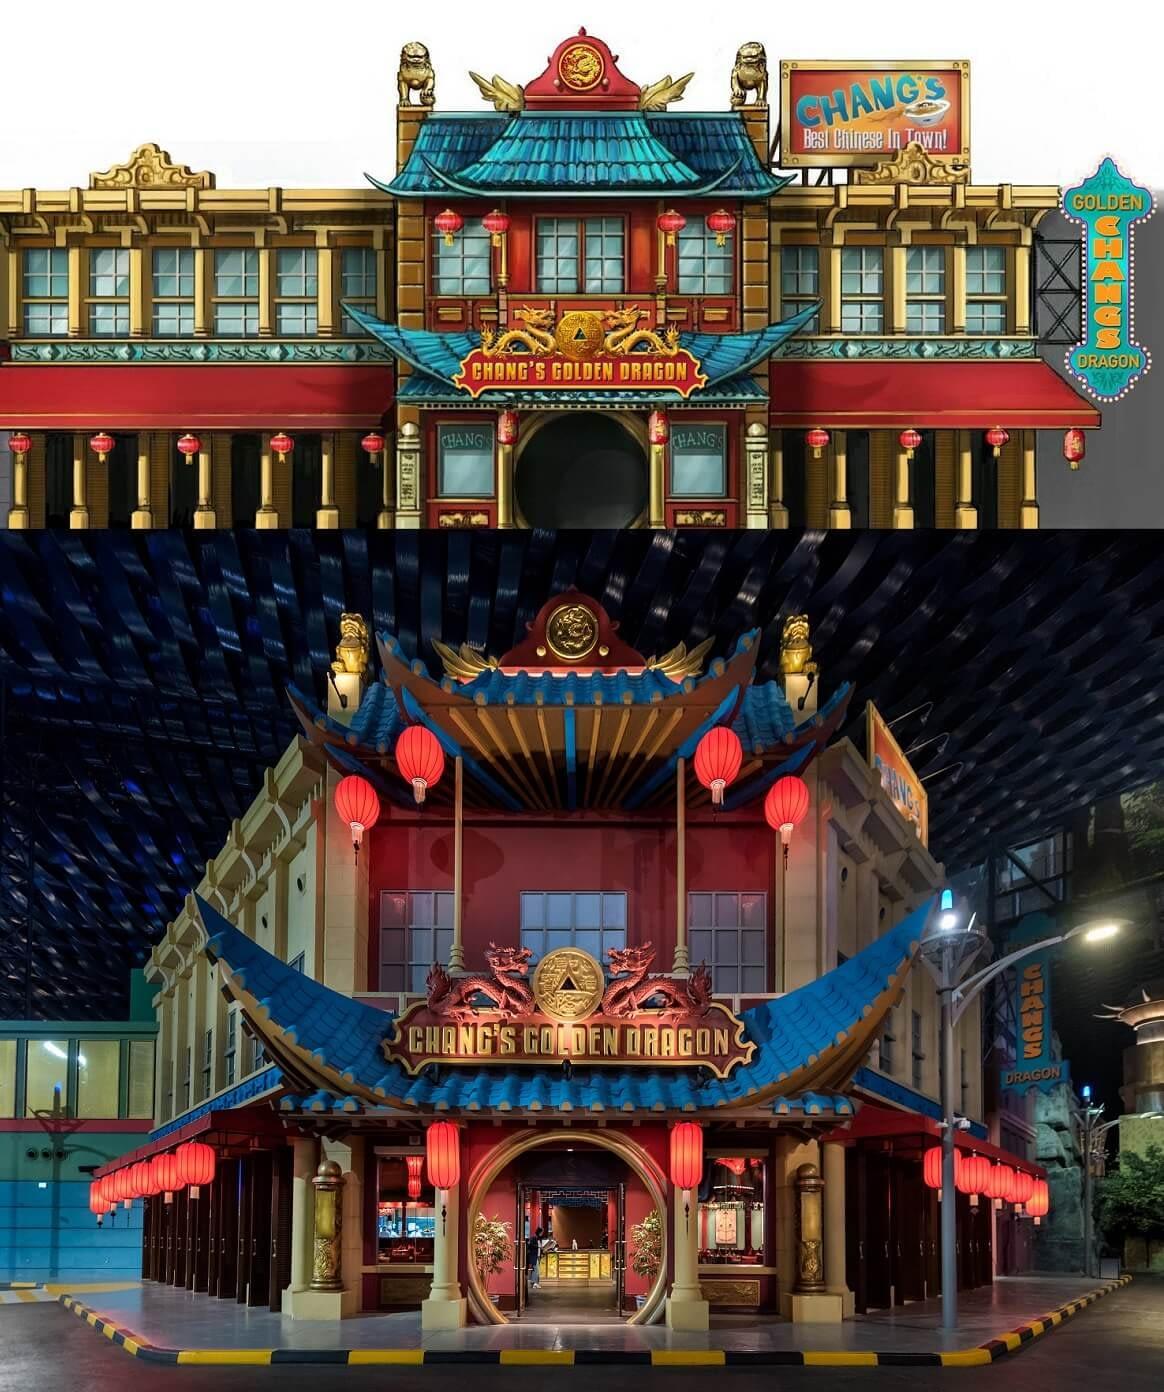 Chang's Golden Dragon Concept Design